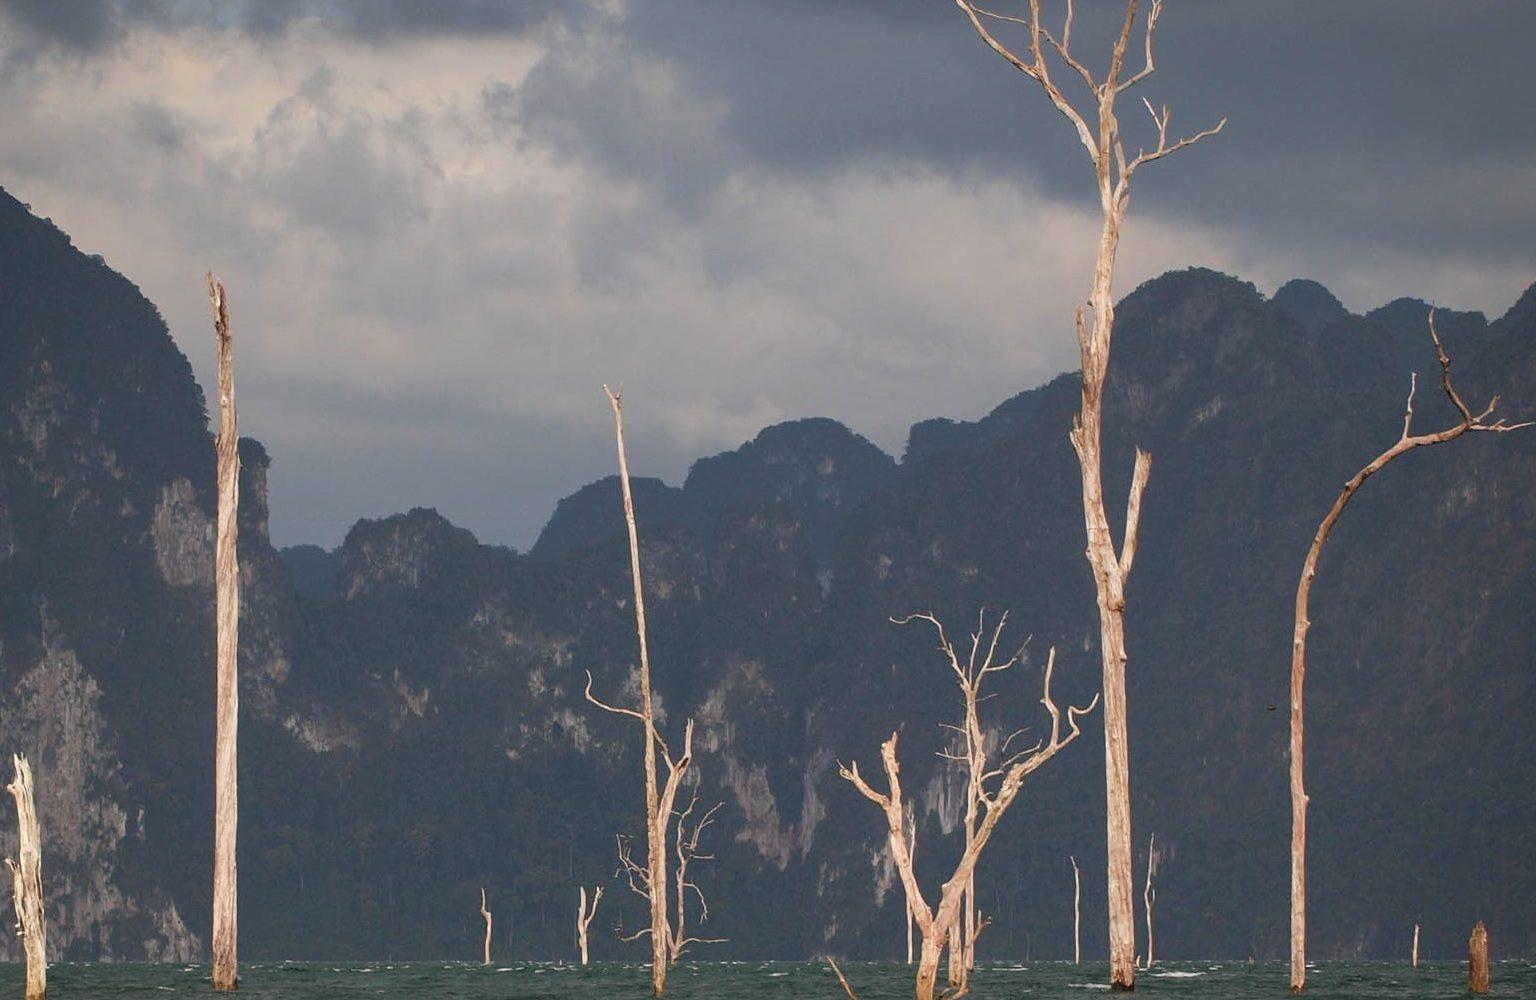 Dode bomen die uit het Cheow Lan Lake steken met een donkere lucht alsof het ieder moment gaat stormen